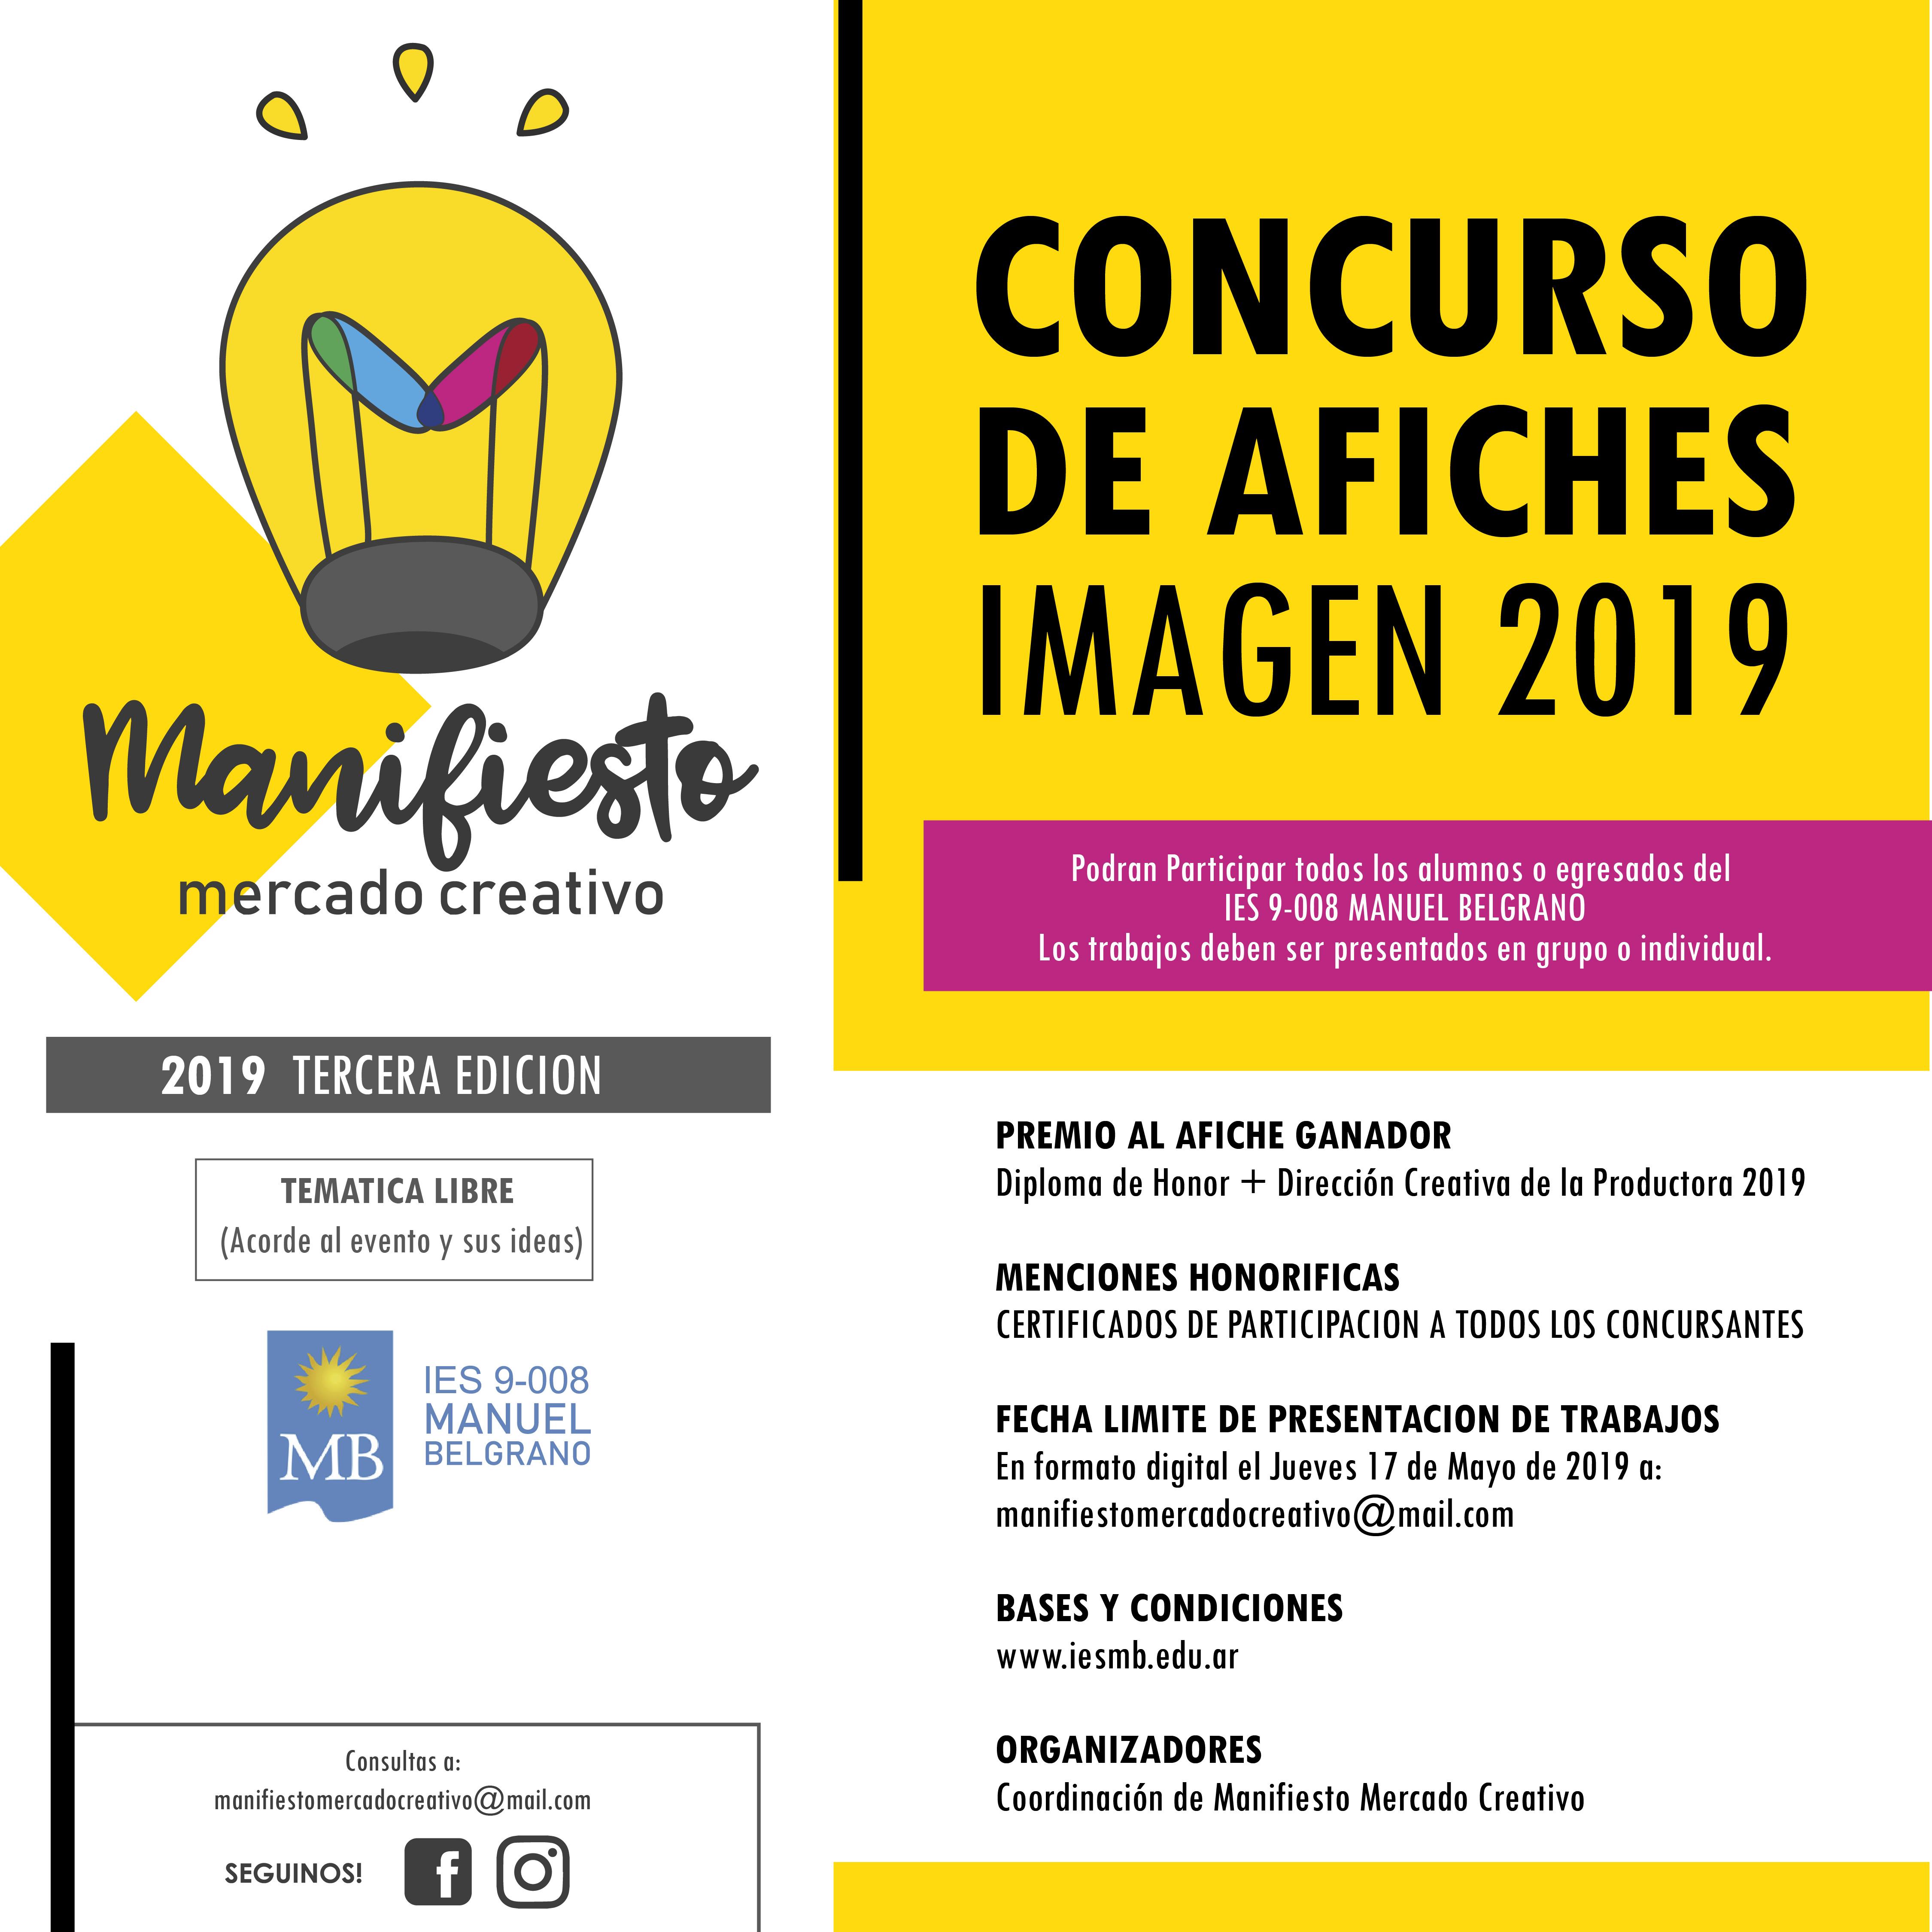 AFICHE CONCURSO MANIFIESTO 2019-01-01